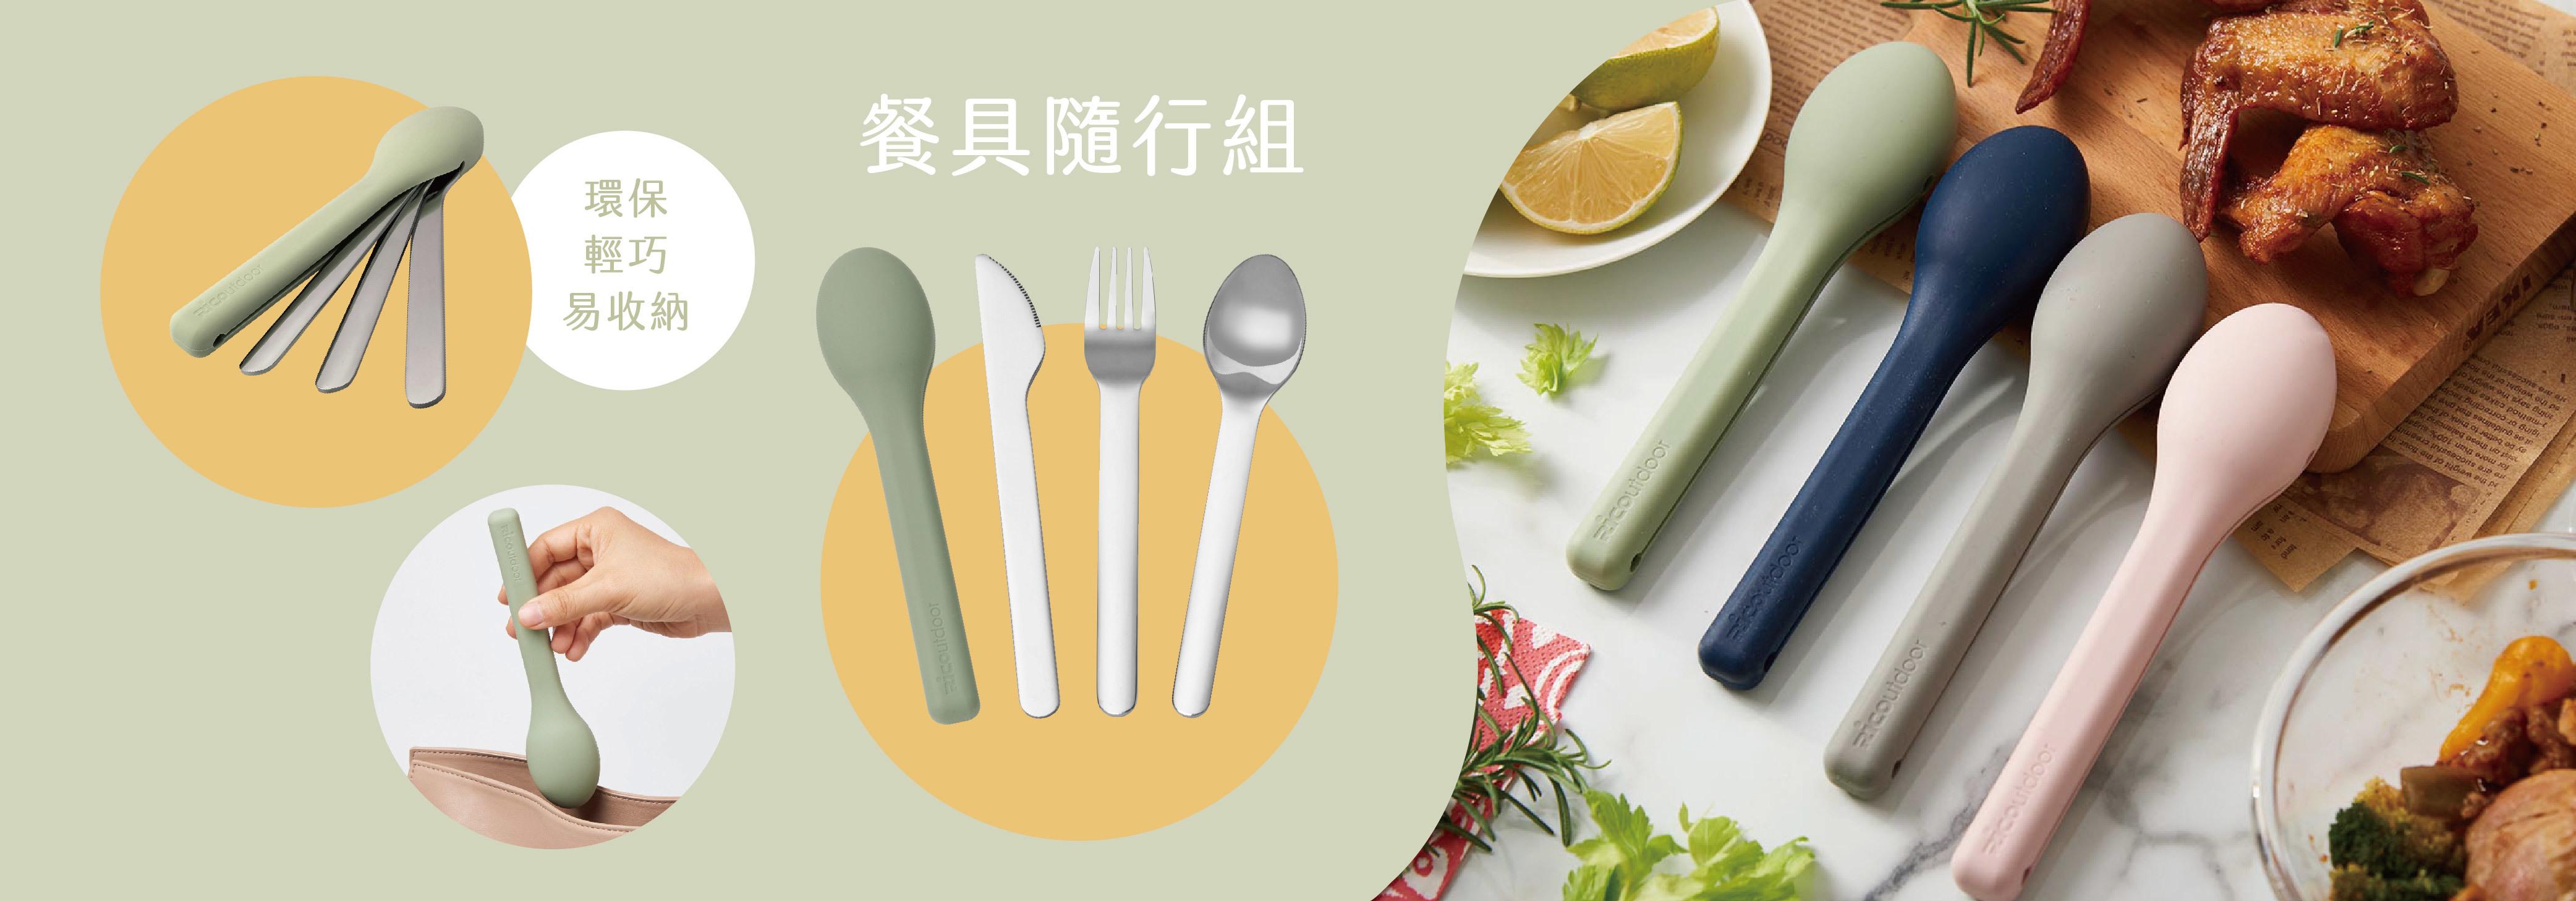 OG2-001矽膠保護套環保餐具隨行組